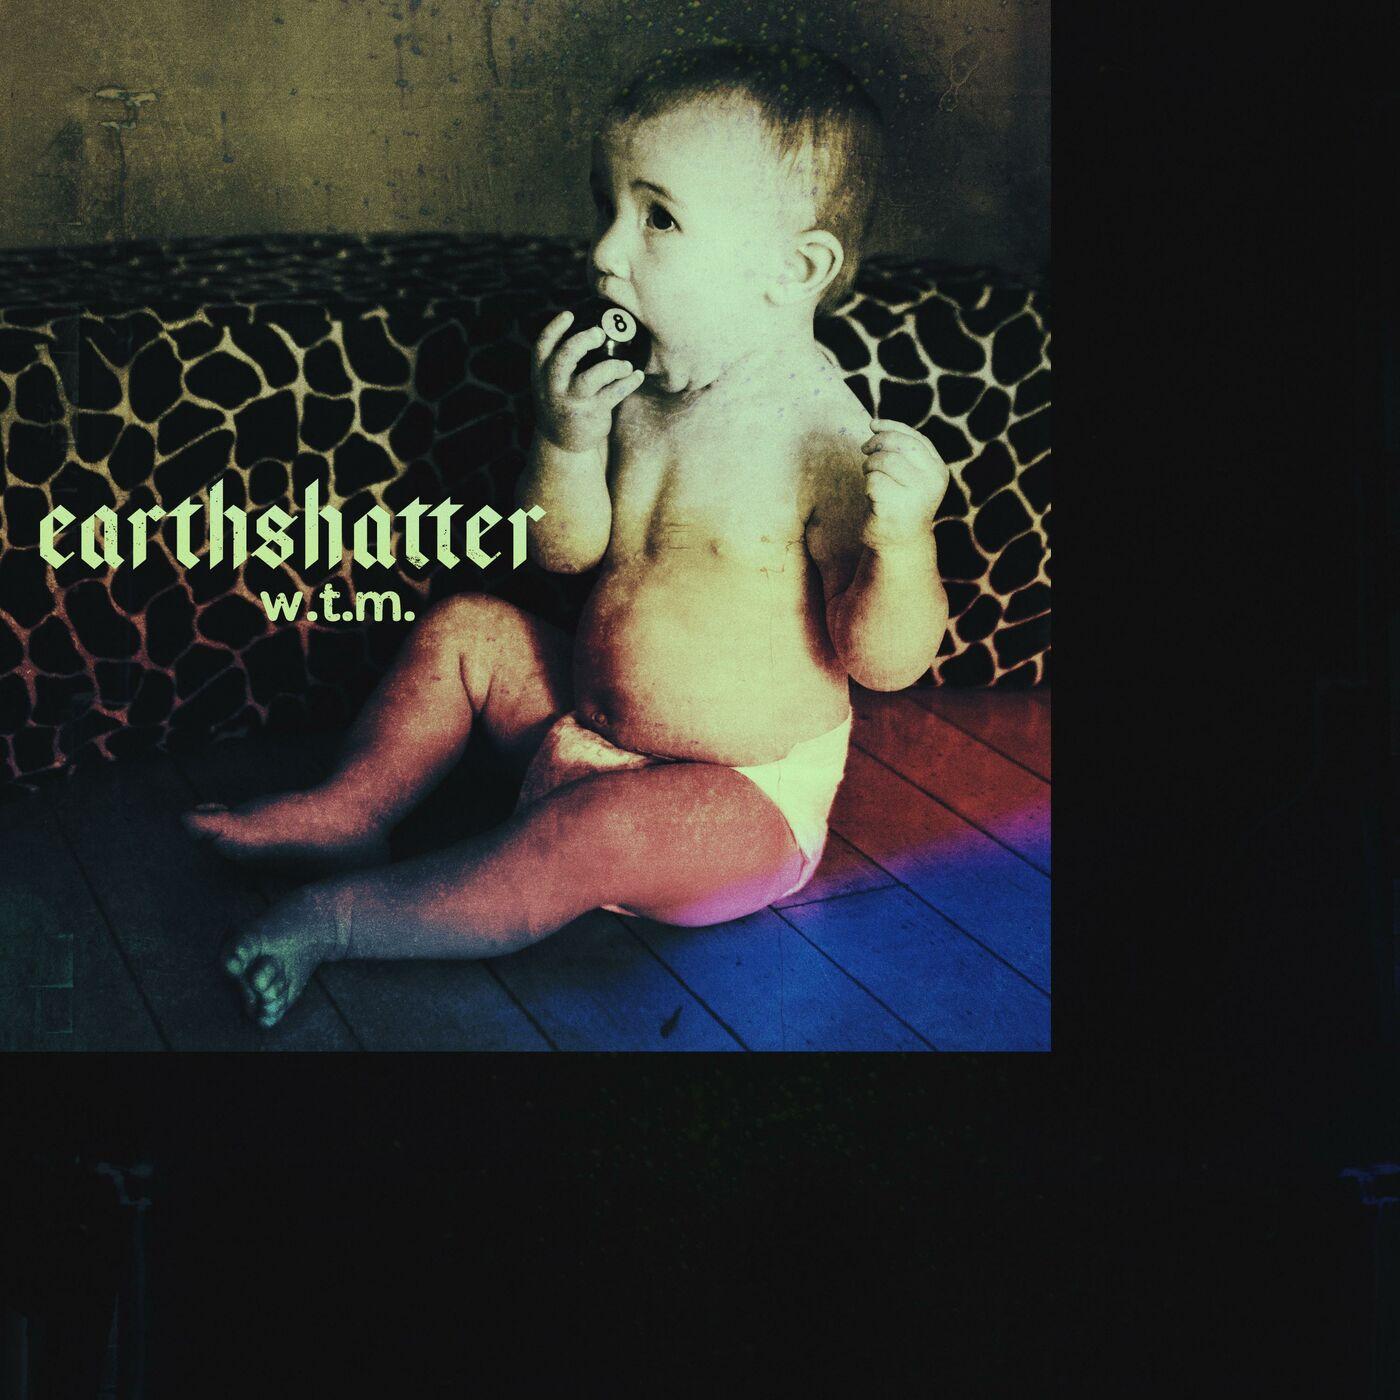 Earthshatter - W.T.M. [single] (2019)